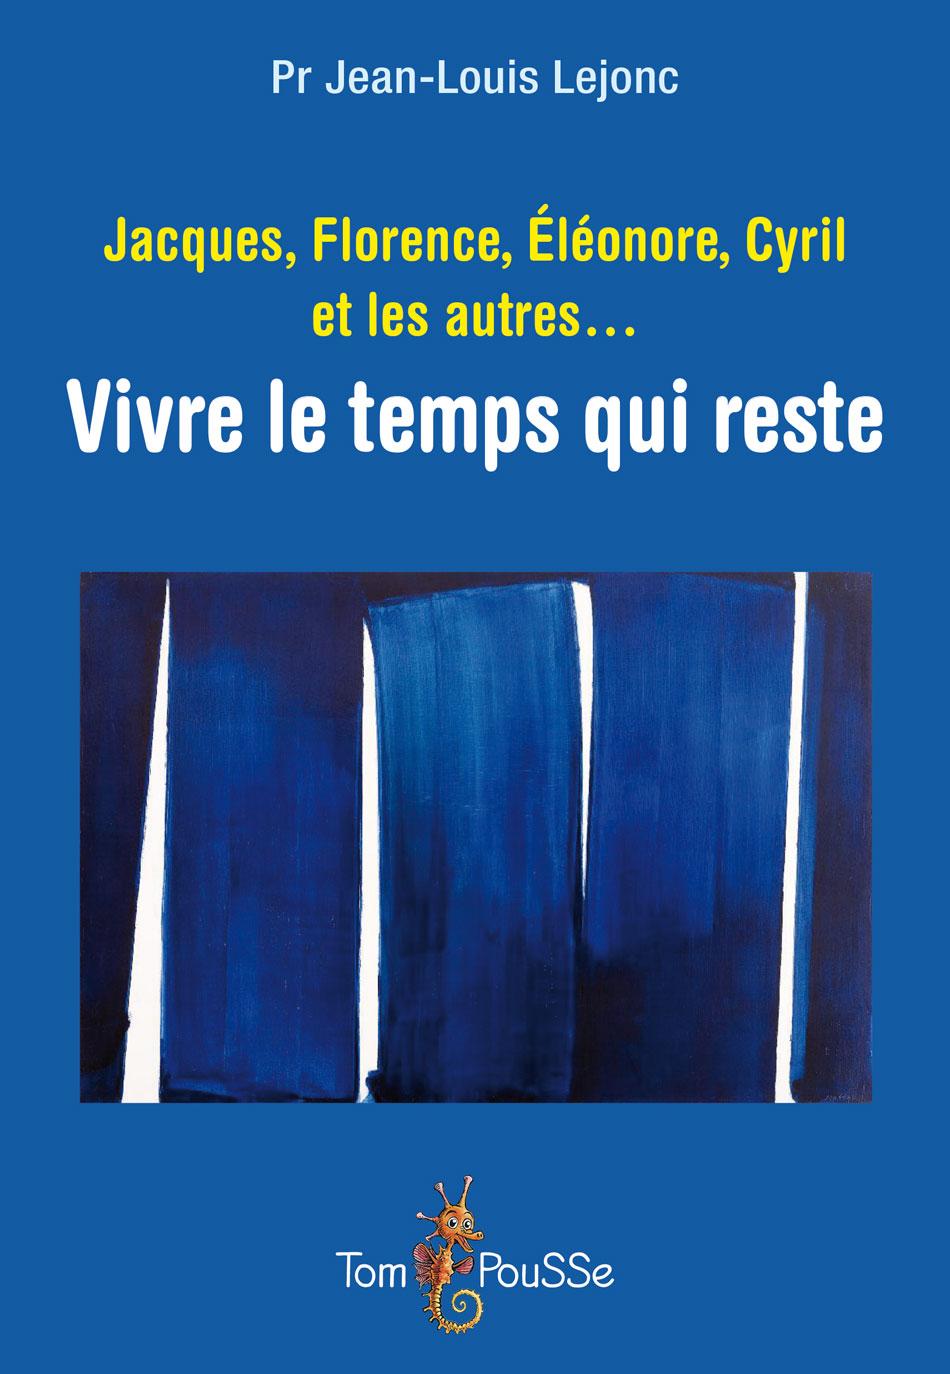 Jacques, Florence, Éléonore, Cyril et les autres… Vivre le temps qui reste